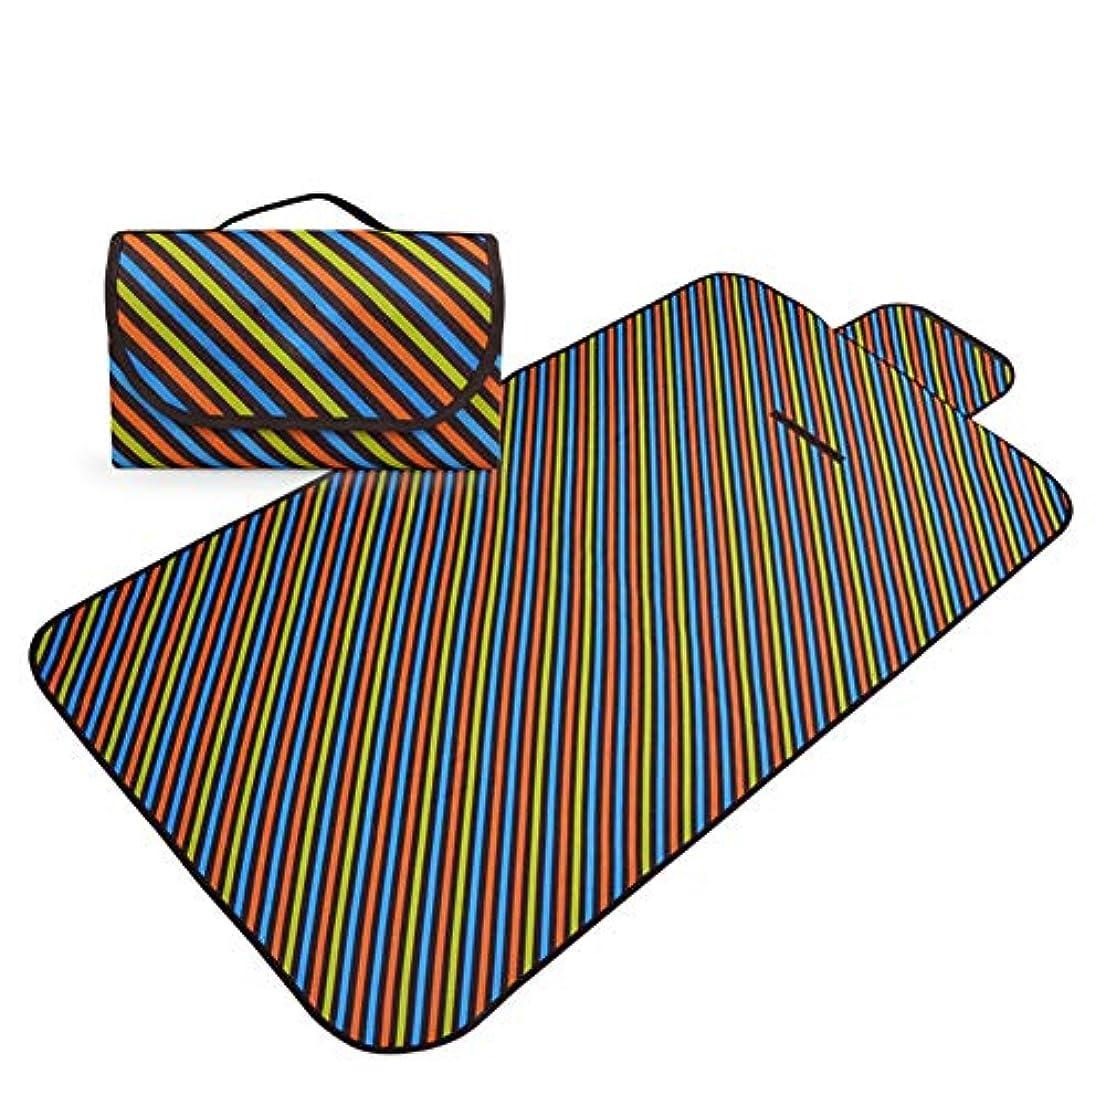 こしょうスリラーランドマークレジャーシートピクニックマット 芝生のおでかけピクニックマットトートスタイルキャンプブランケット防水バッキングビーチマット寒さ絶縁防湿 (Color : C, Size : 142x80cm)